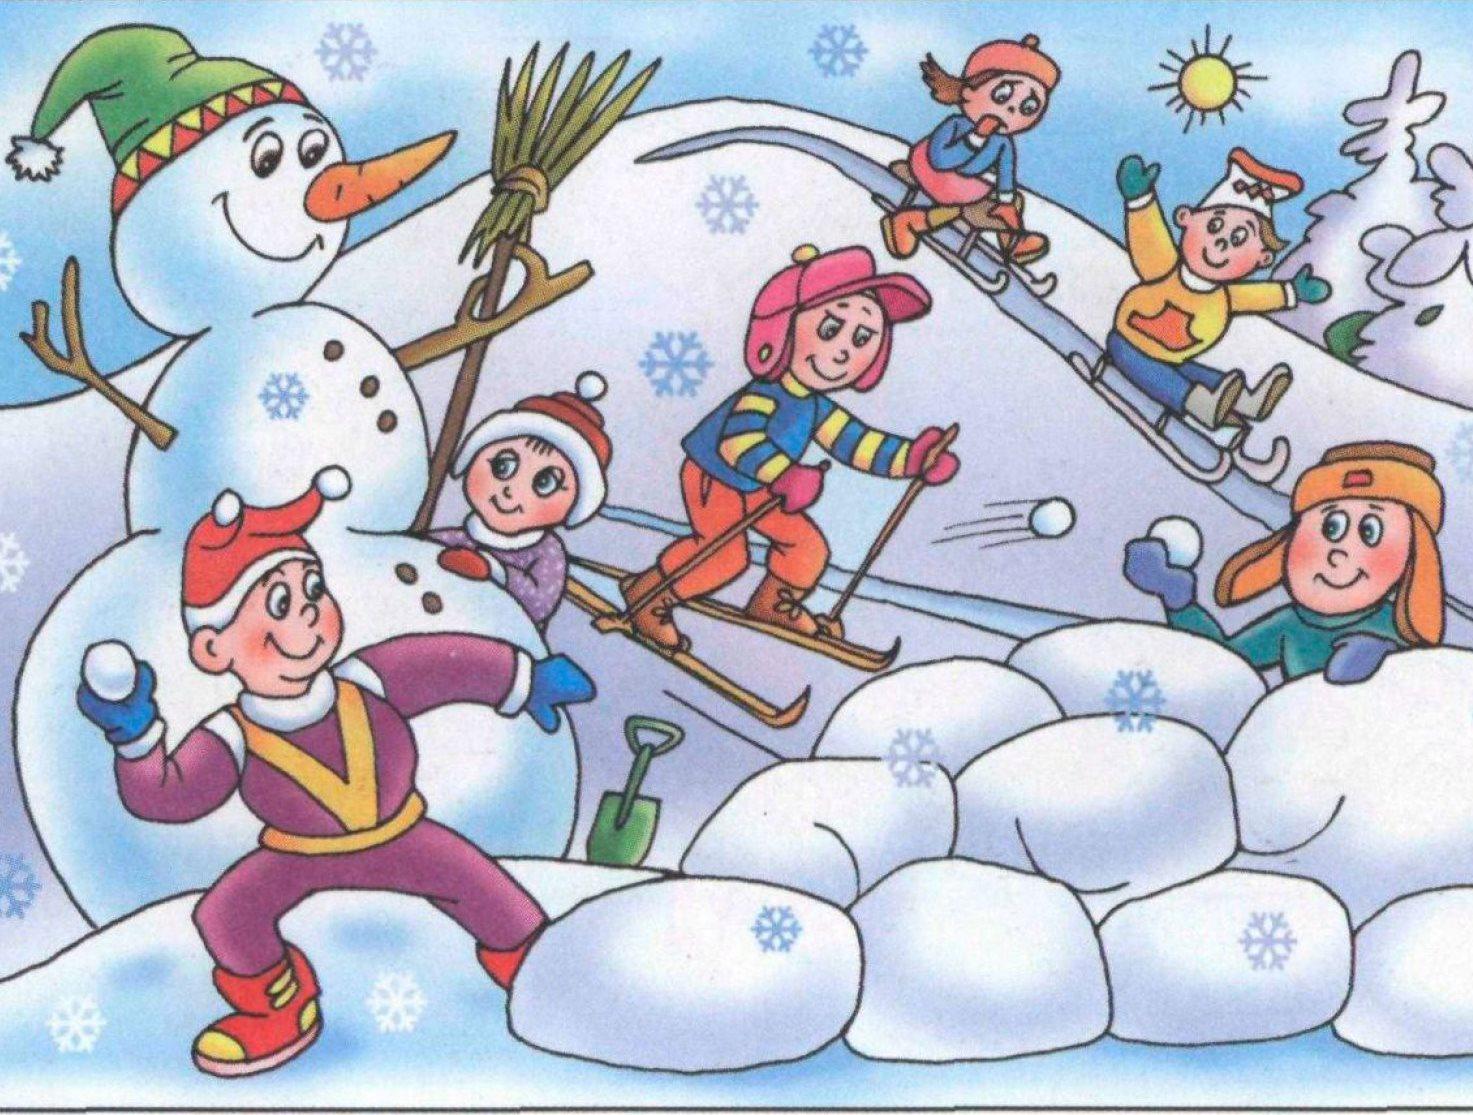 болонье картинка для развития речи зима задачи условия